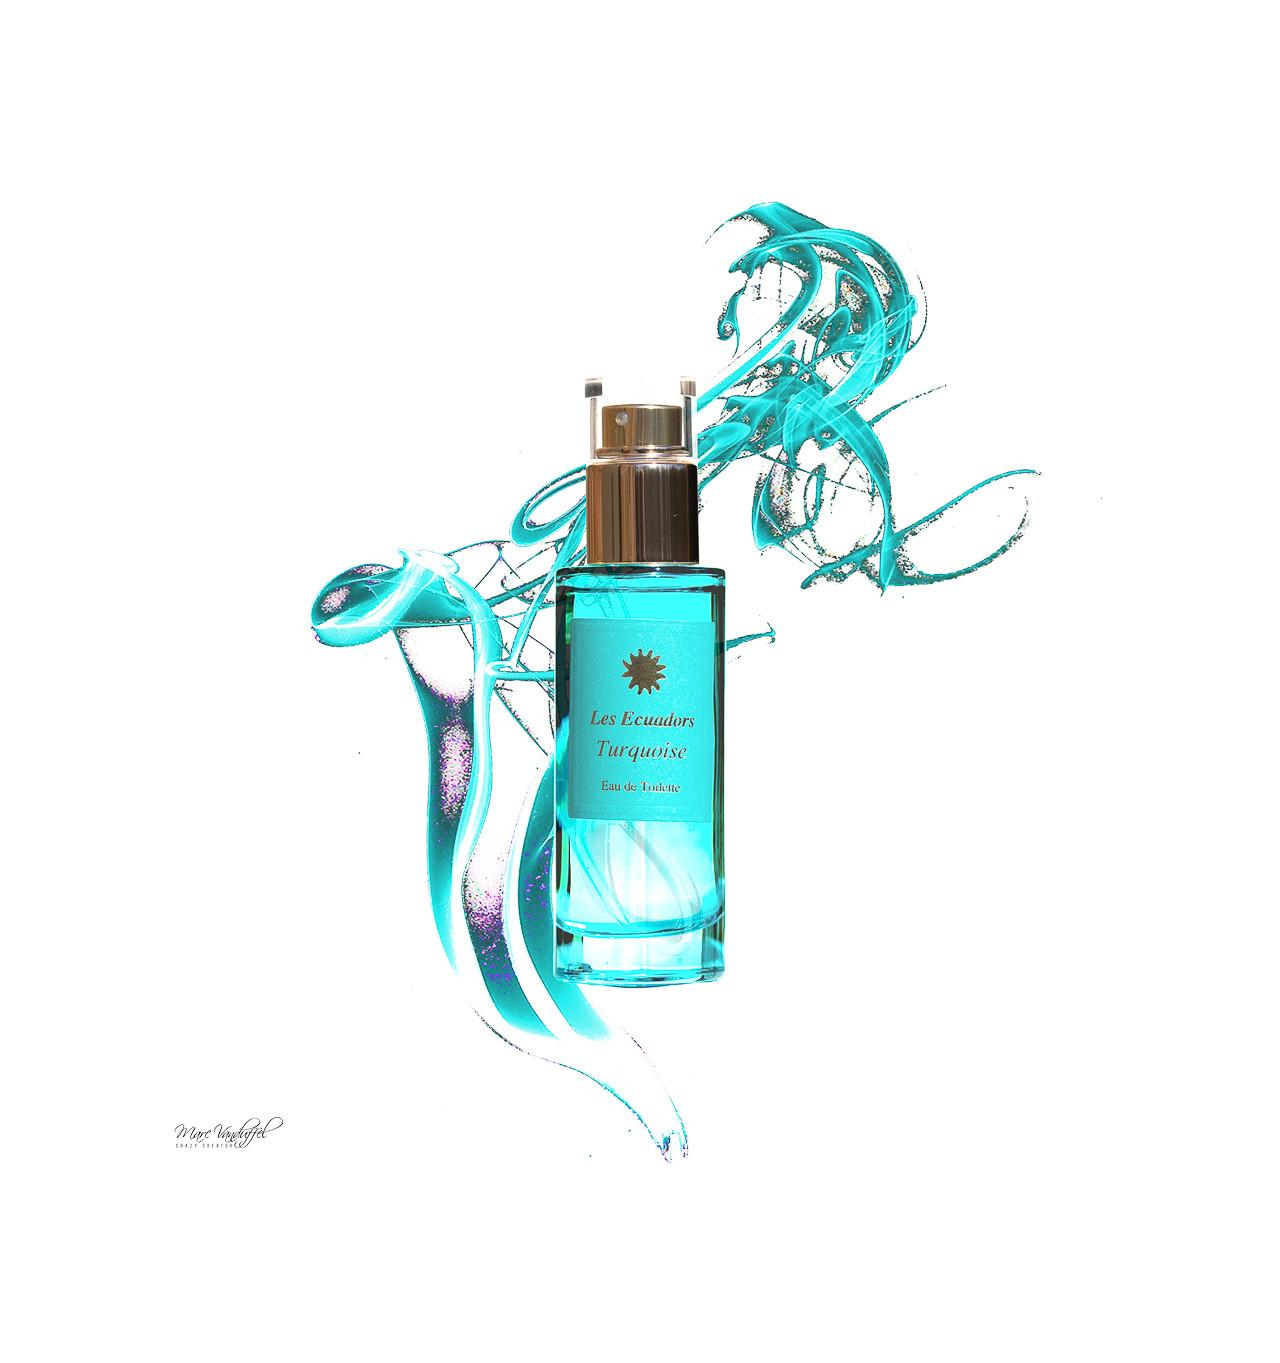 les ecuadors-eau de toilette-turquoise-flacon 30ml-bijoux totem.